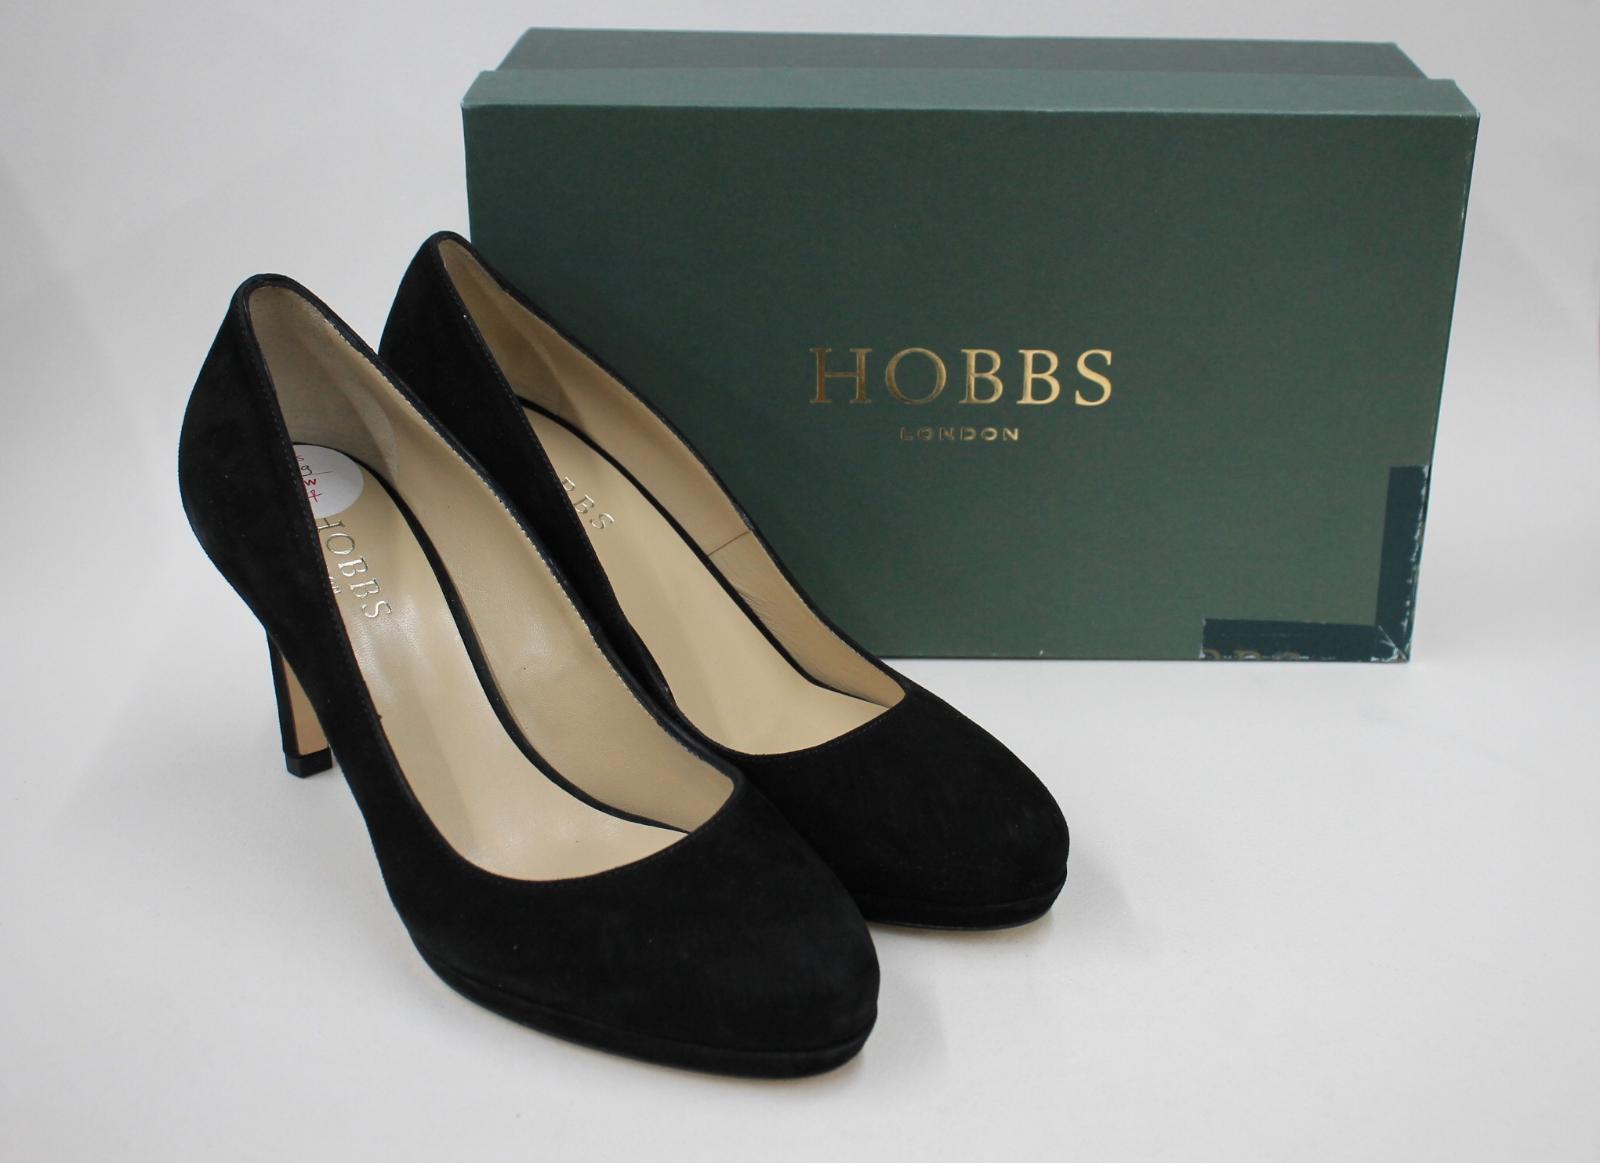 HOBBS Ladies Black Suede Leather Julietta Court Shoes Heels EU39 UK6 NEW